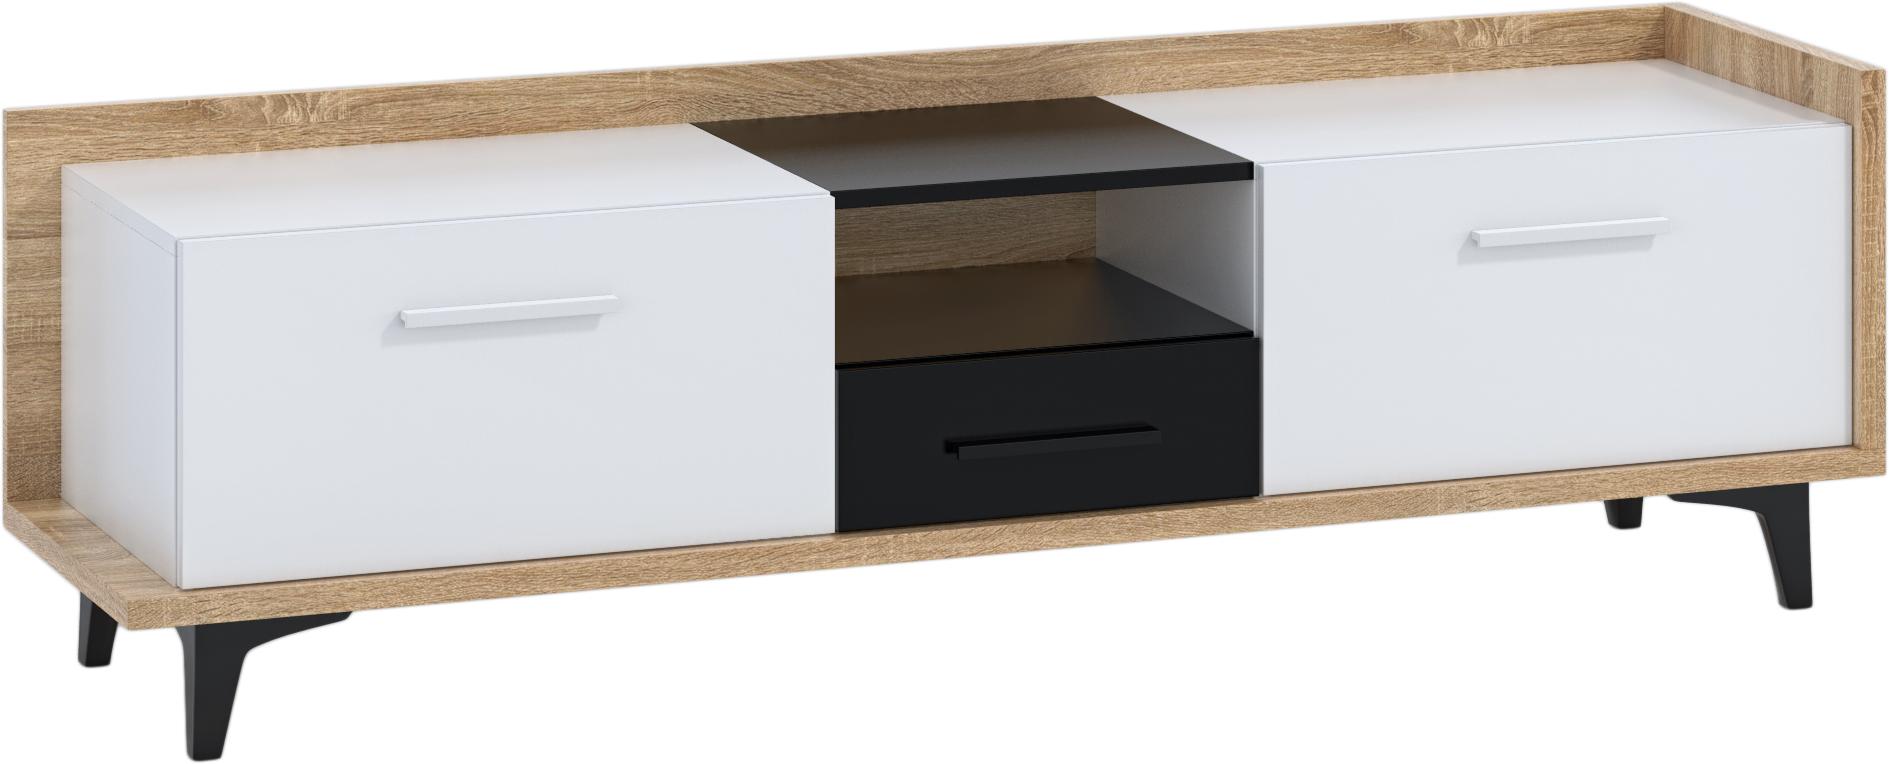 WIP TV stolík 2D1S BOX-09 Farba: dub sonoma svetlá / biela / čierna